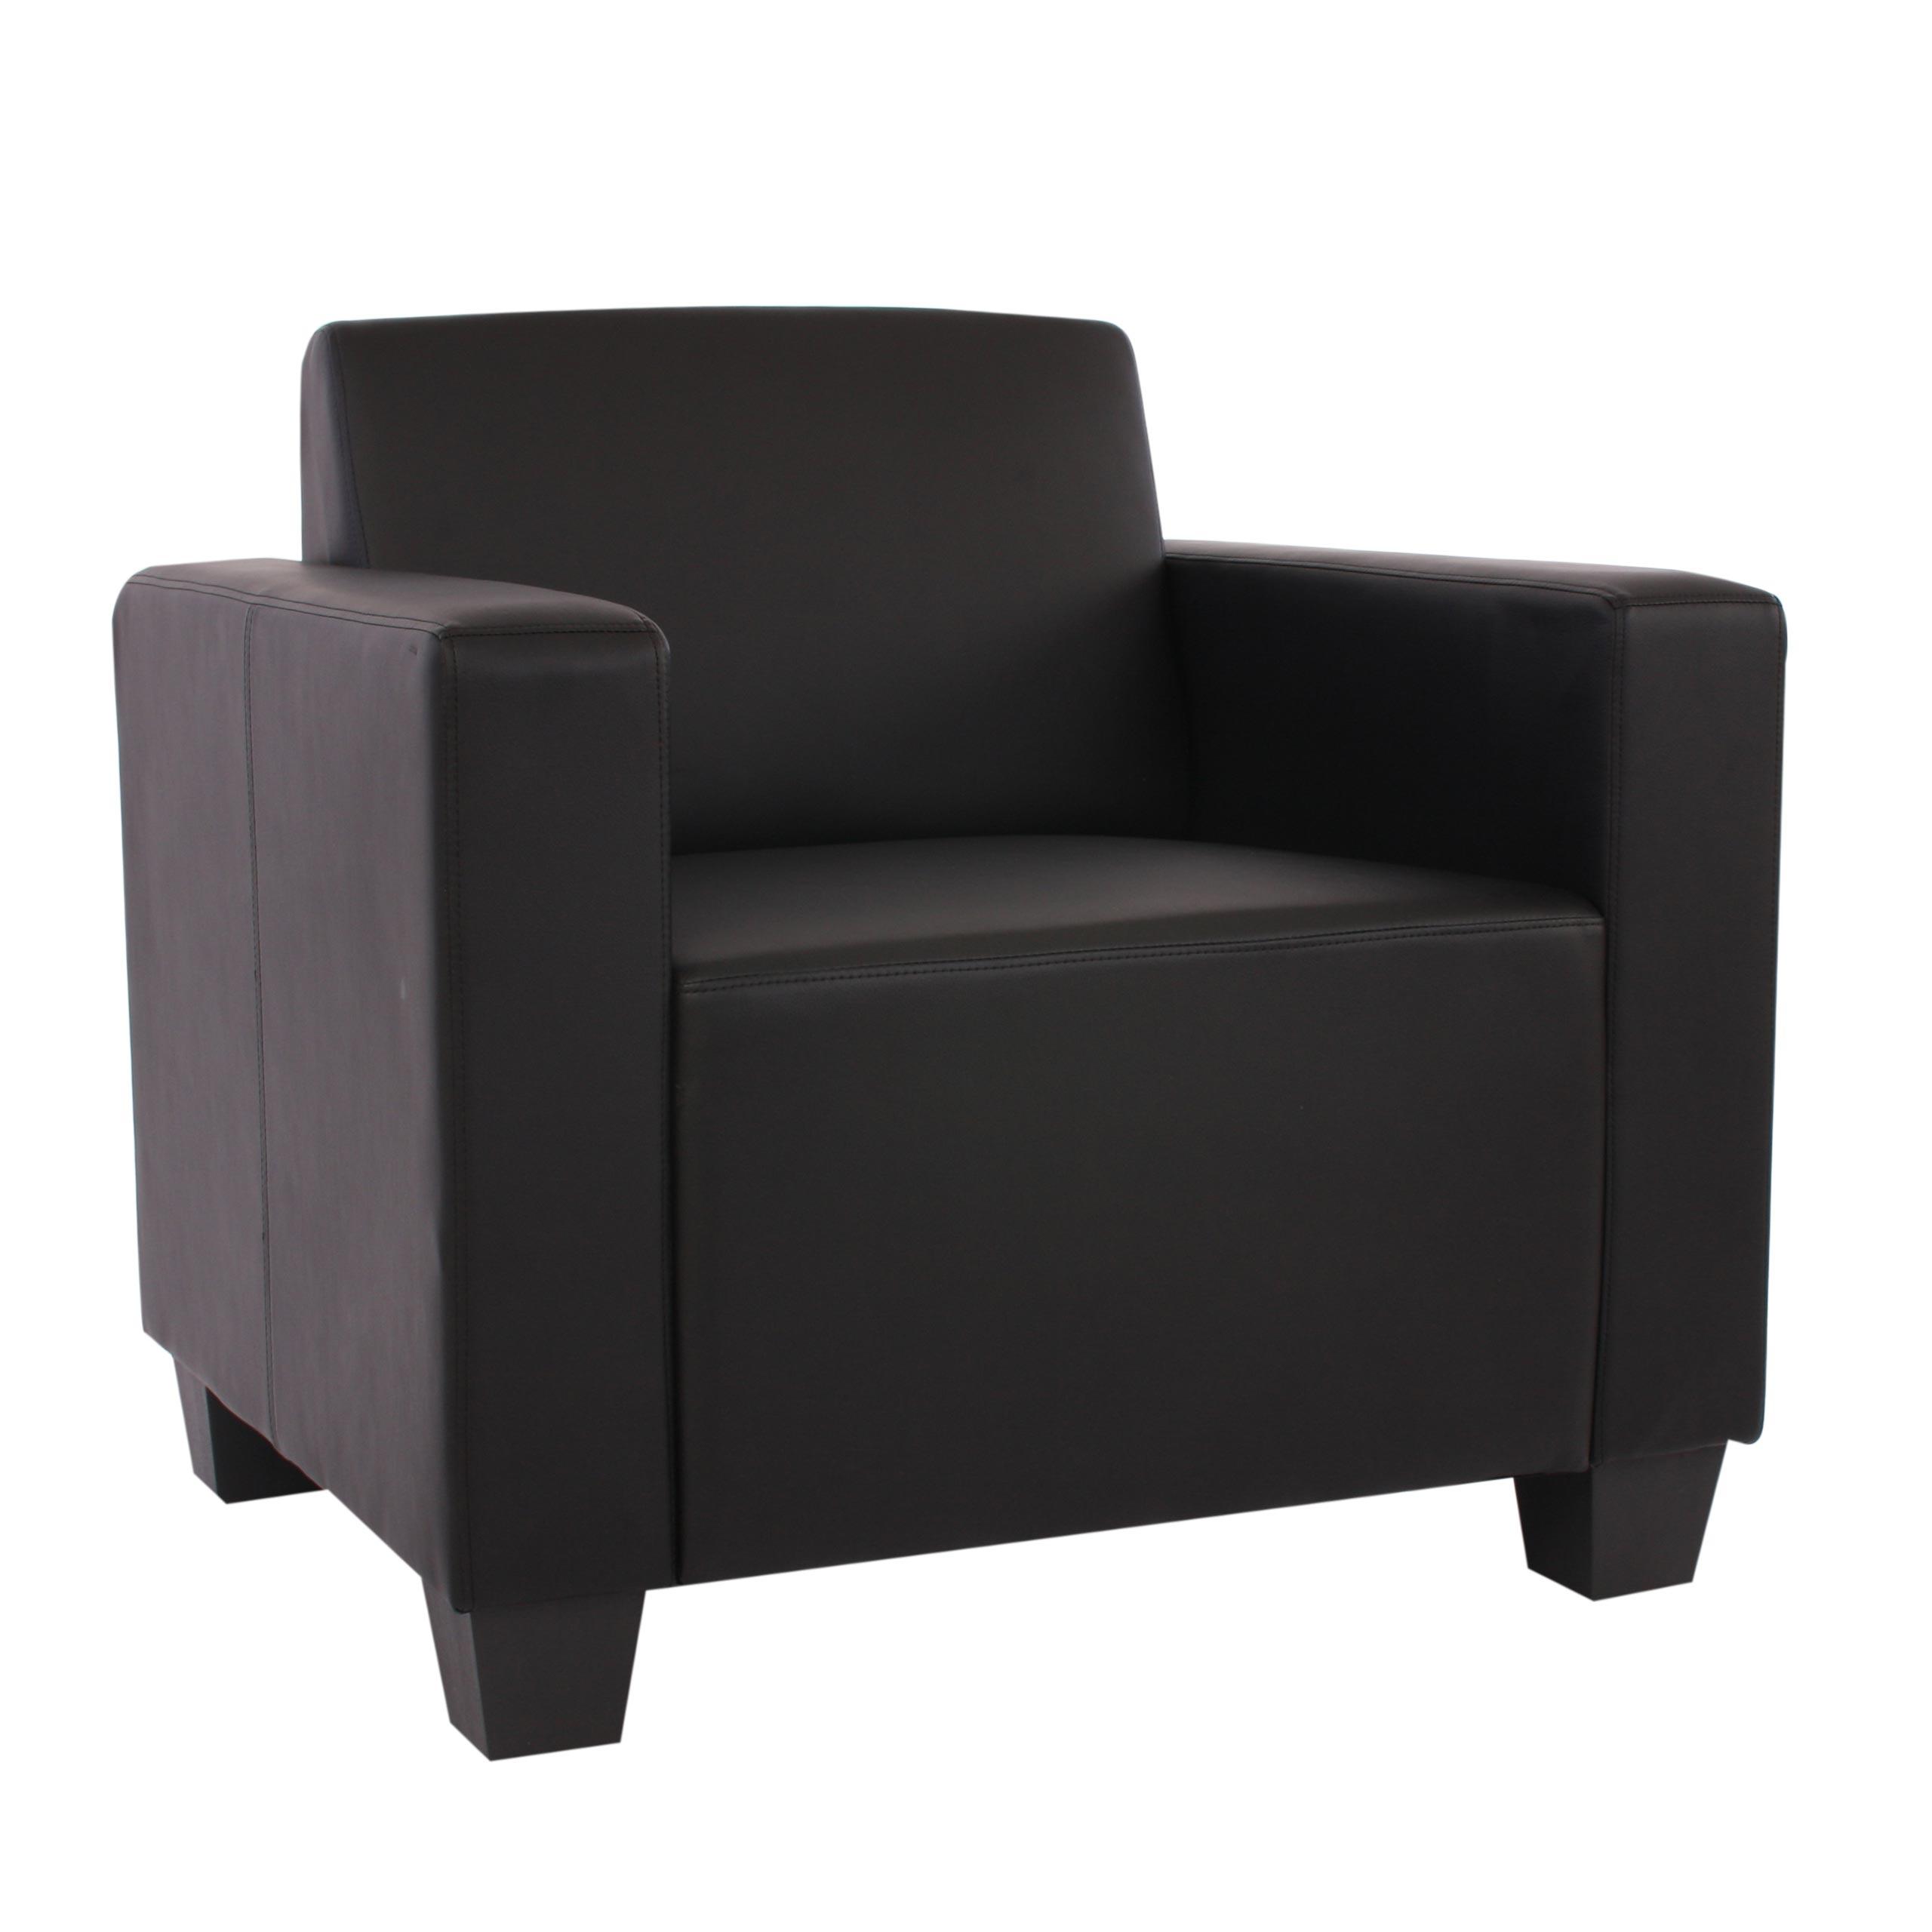 Lounge sessel schwarz  Lounge Sessel Schwarz | mxpweb.com